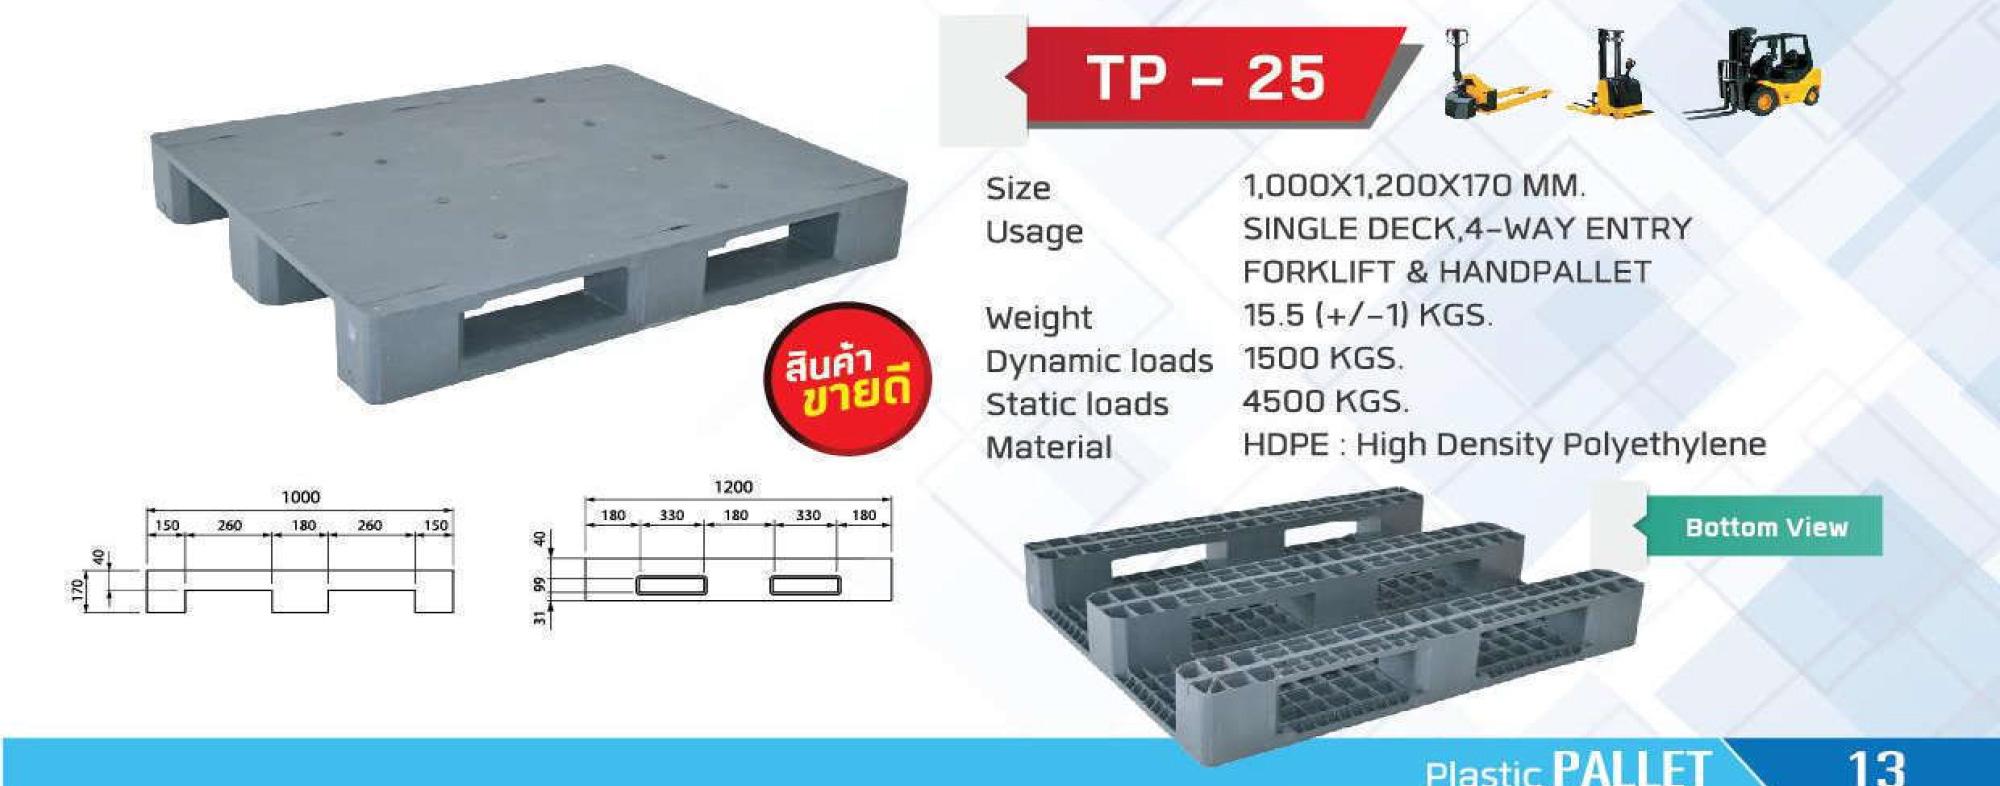 Light-Weight-pallet-TP-25